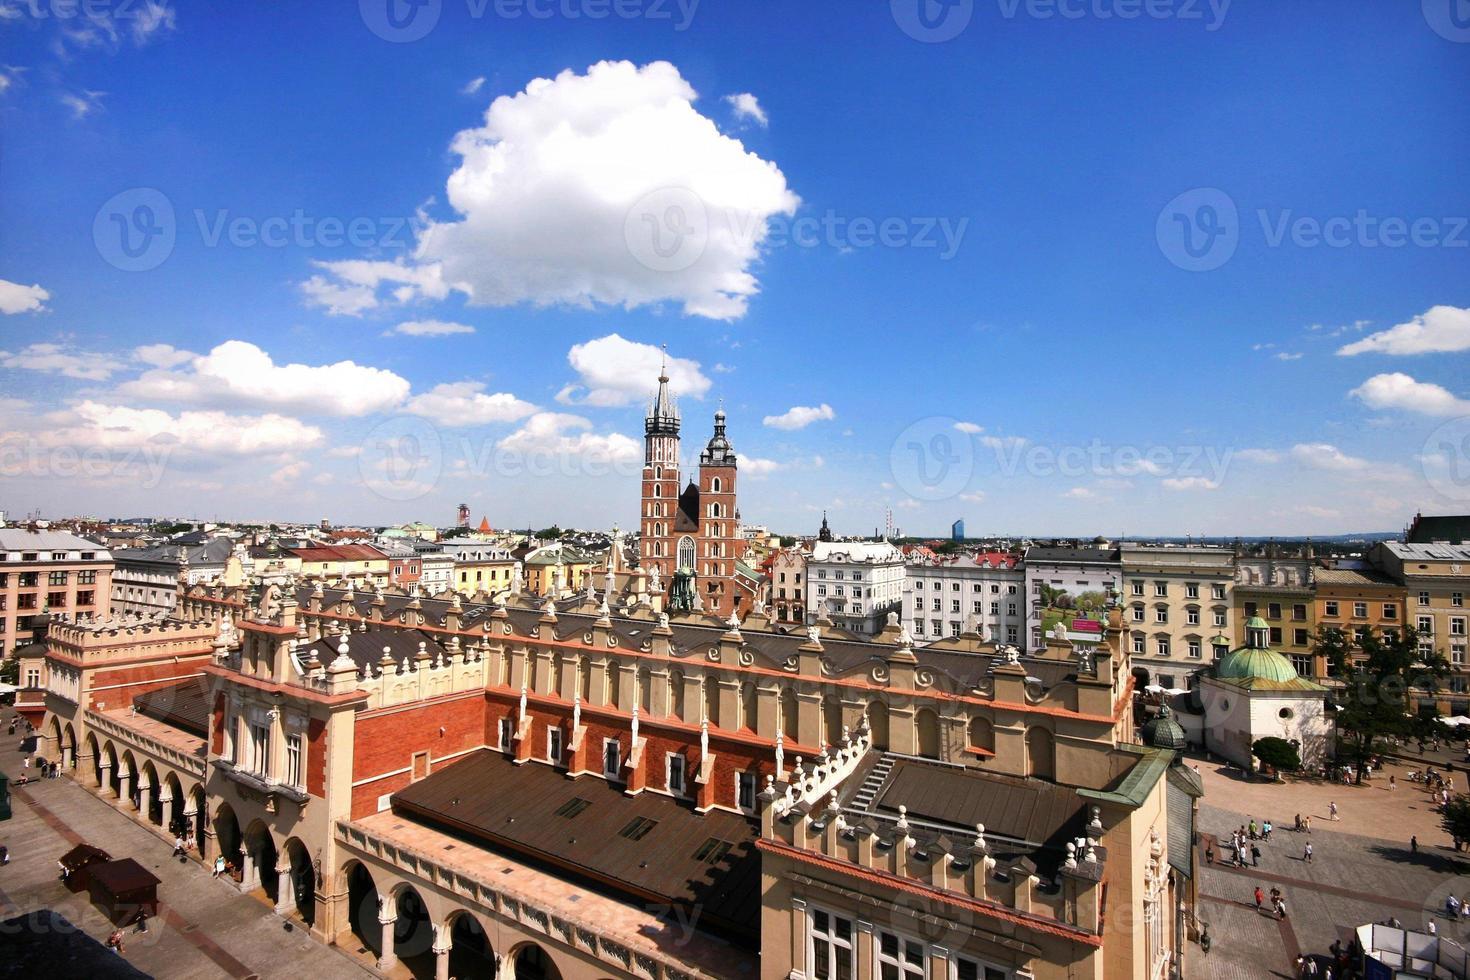 L'église St.mary dans le centre historique de Cracovie sur la place principale photo